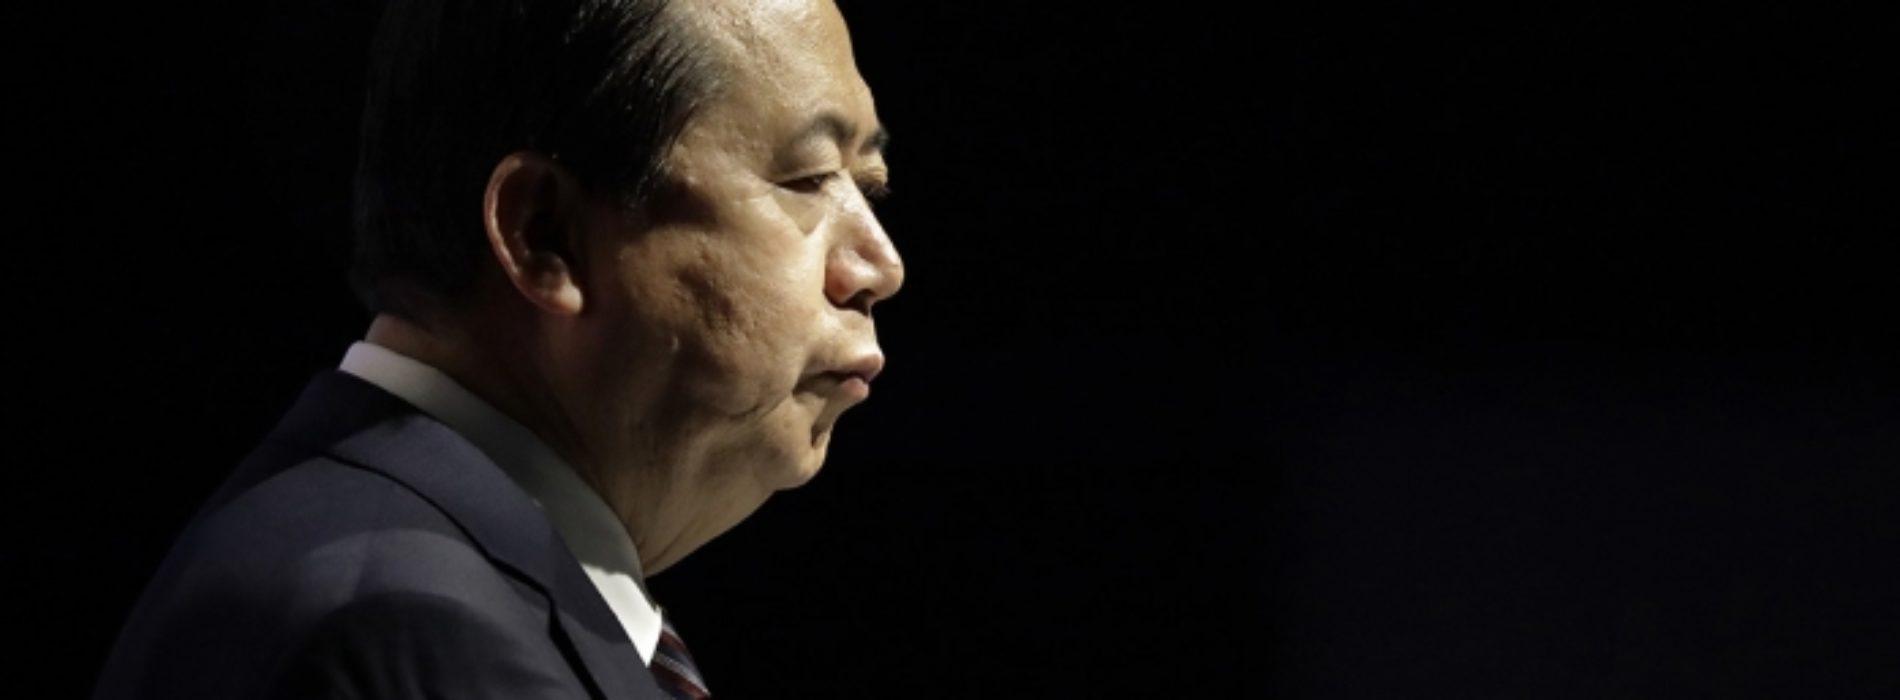 Экс-главу Интерпола приговорили к 13,5 года тюрьмы в Китае